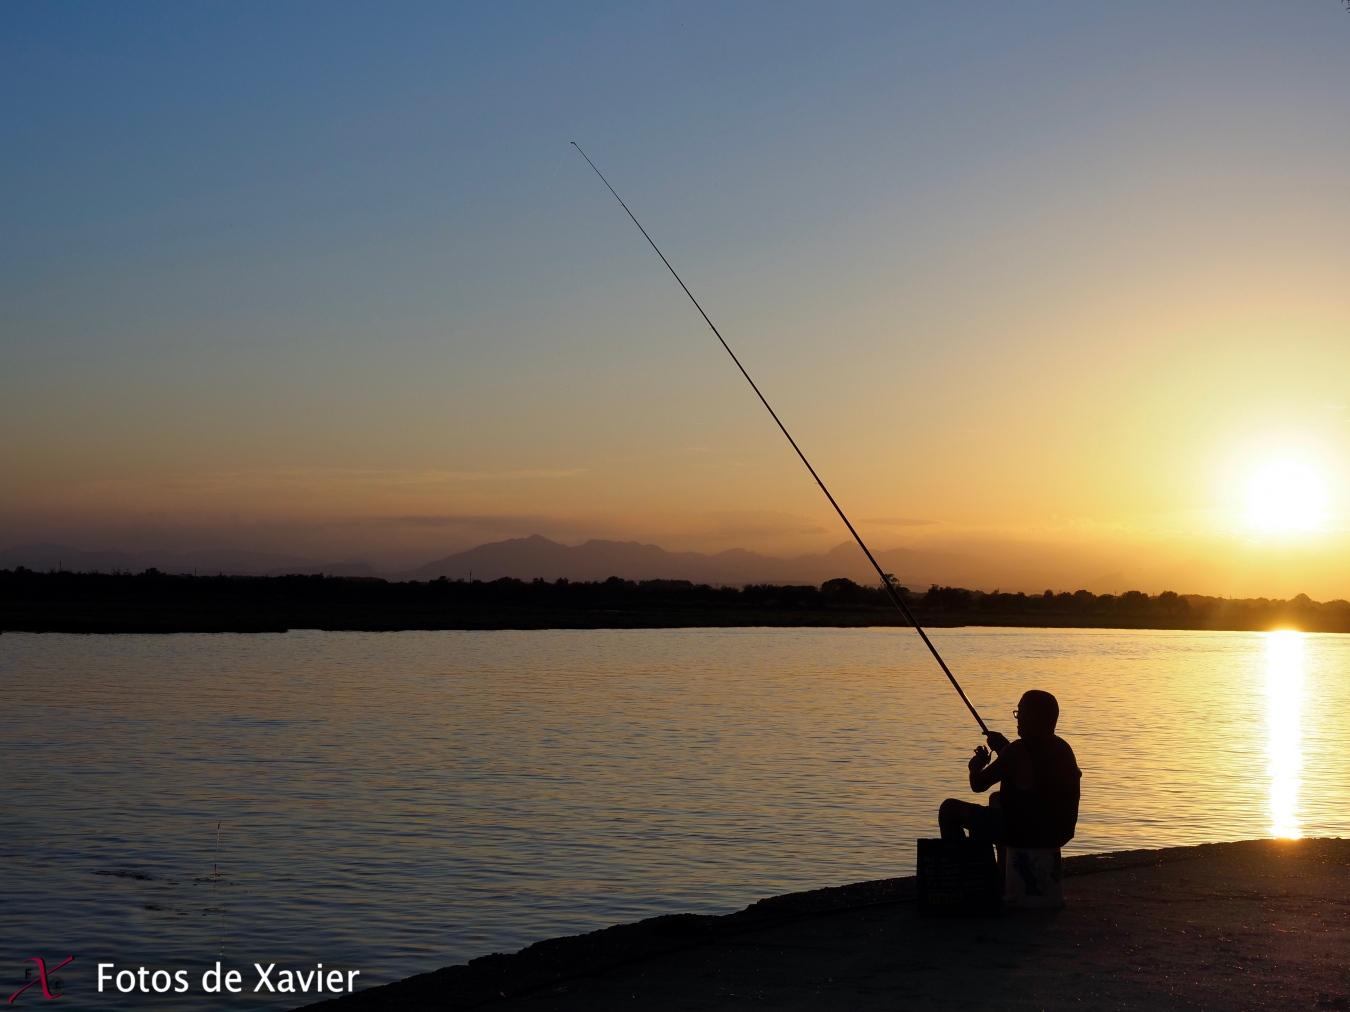 Contra llums - Luz - Fotos de Xavier. Fotografia de naturaleza y paisaje. Xavier Linares